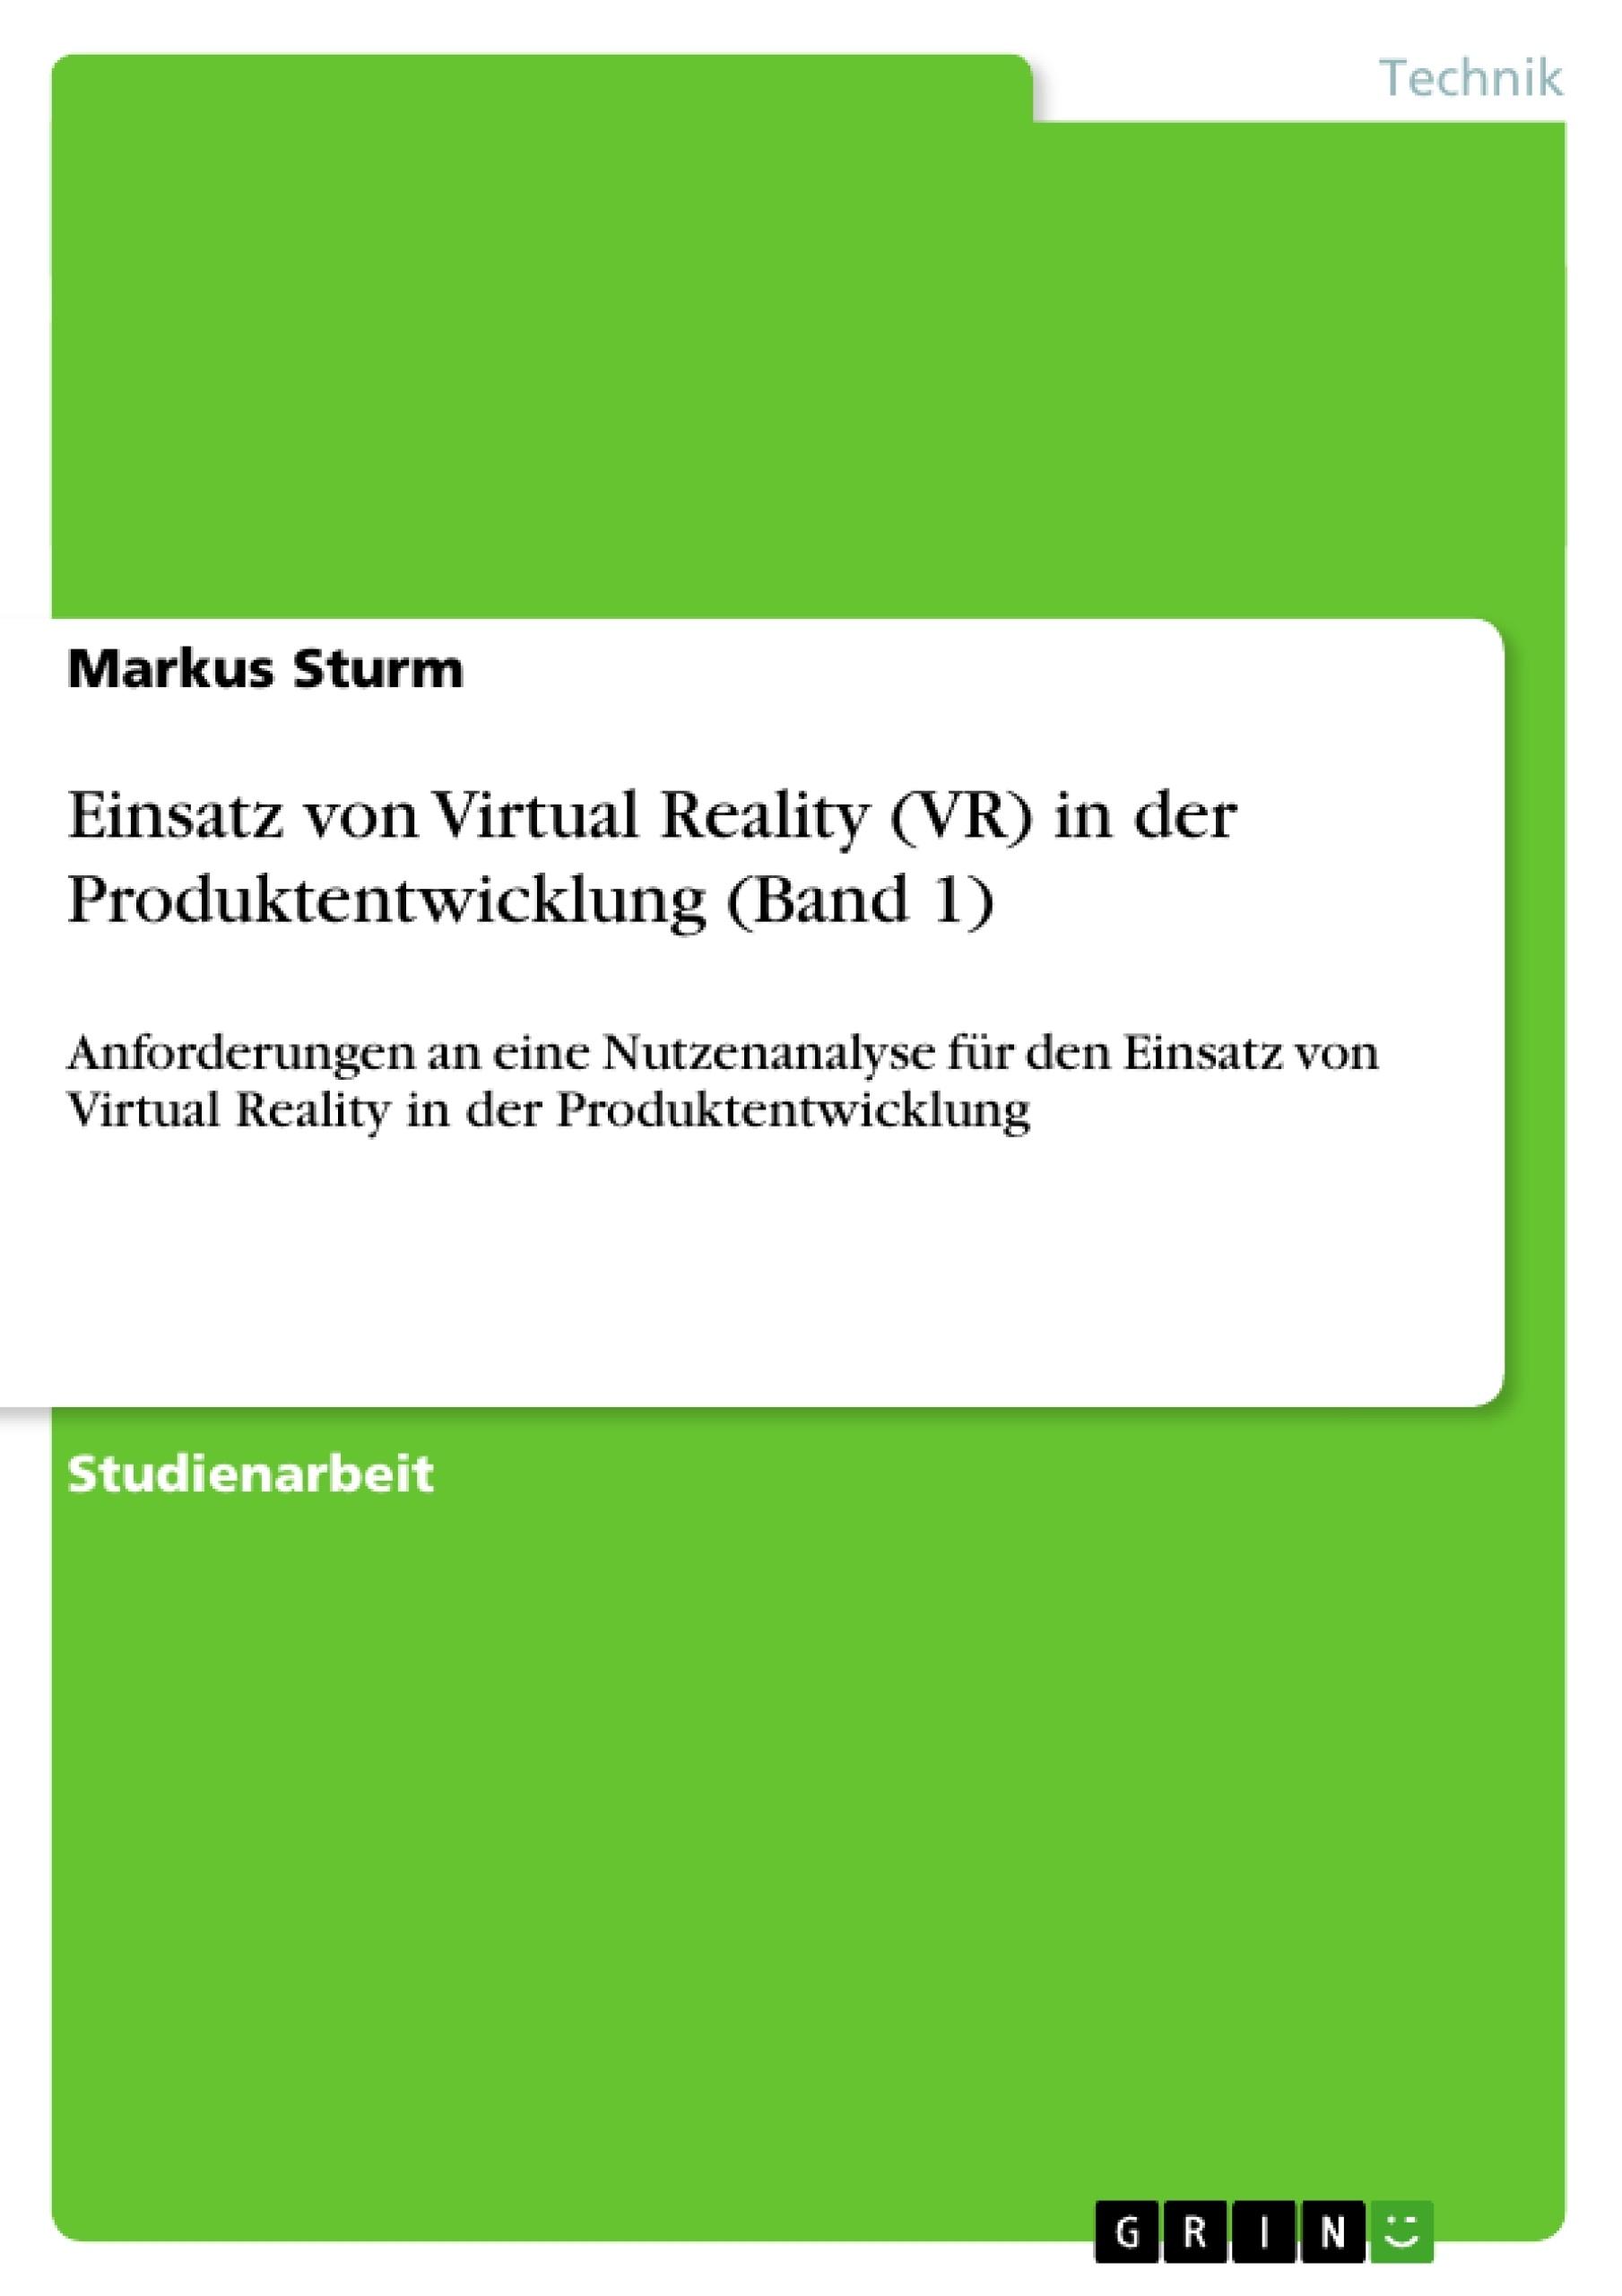 Titel: Einsatz von Virtual Reality (VR) in der Produktentwicklung (Band 1)